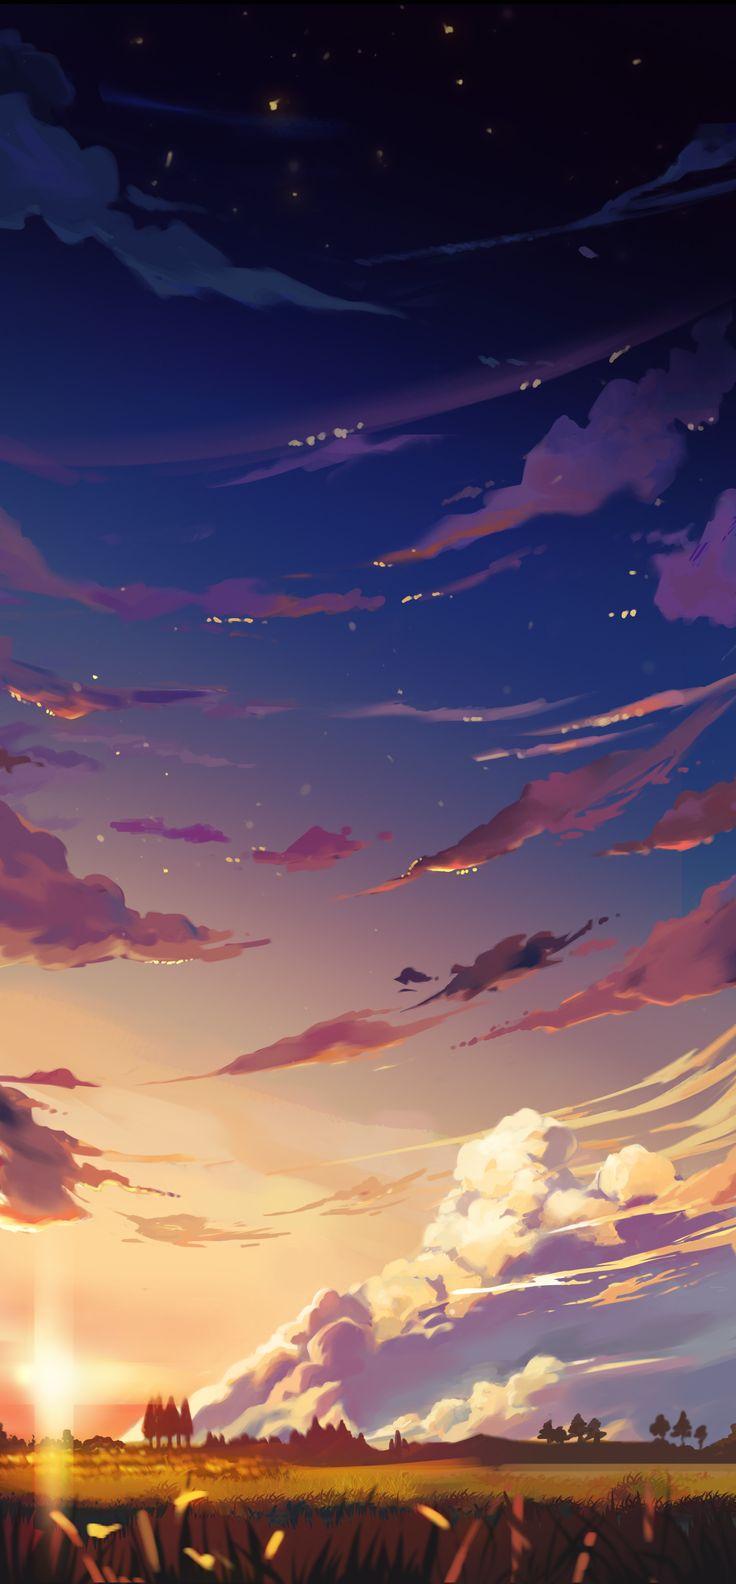 Night fall wilson stark phone wallpaper pinterest - Portrait anime wallpaper ...